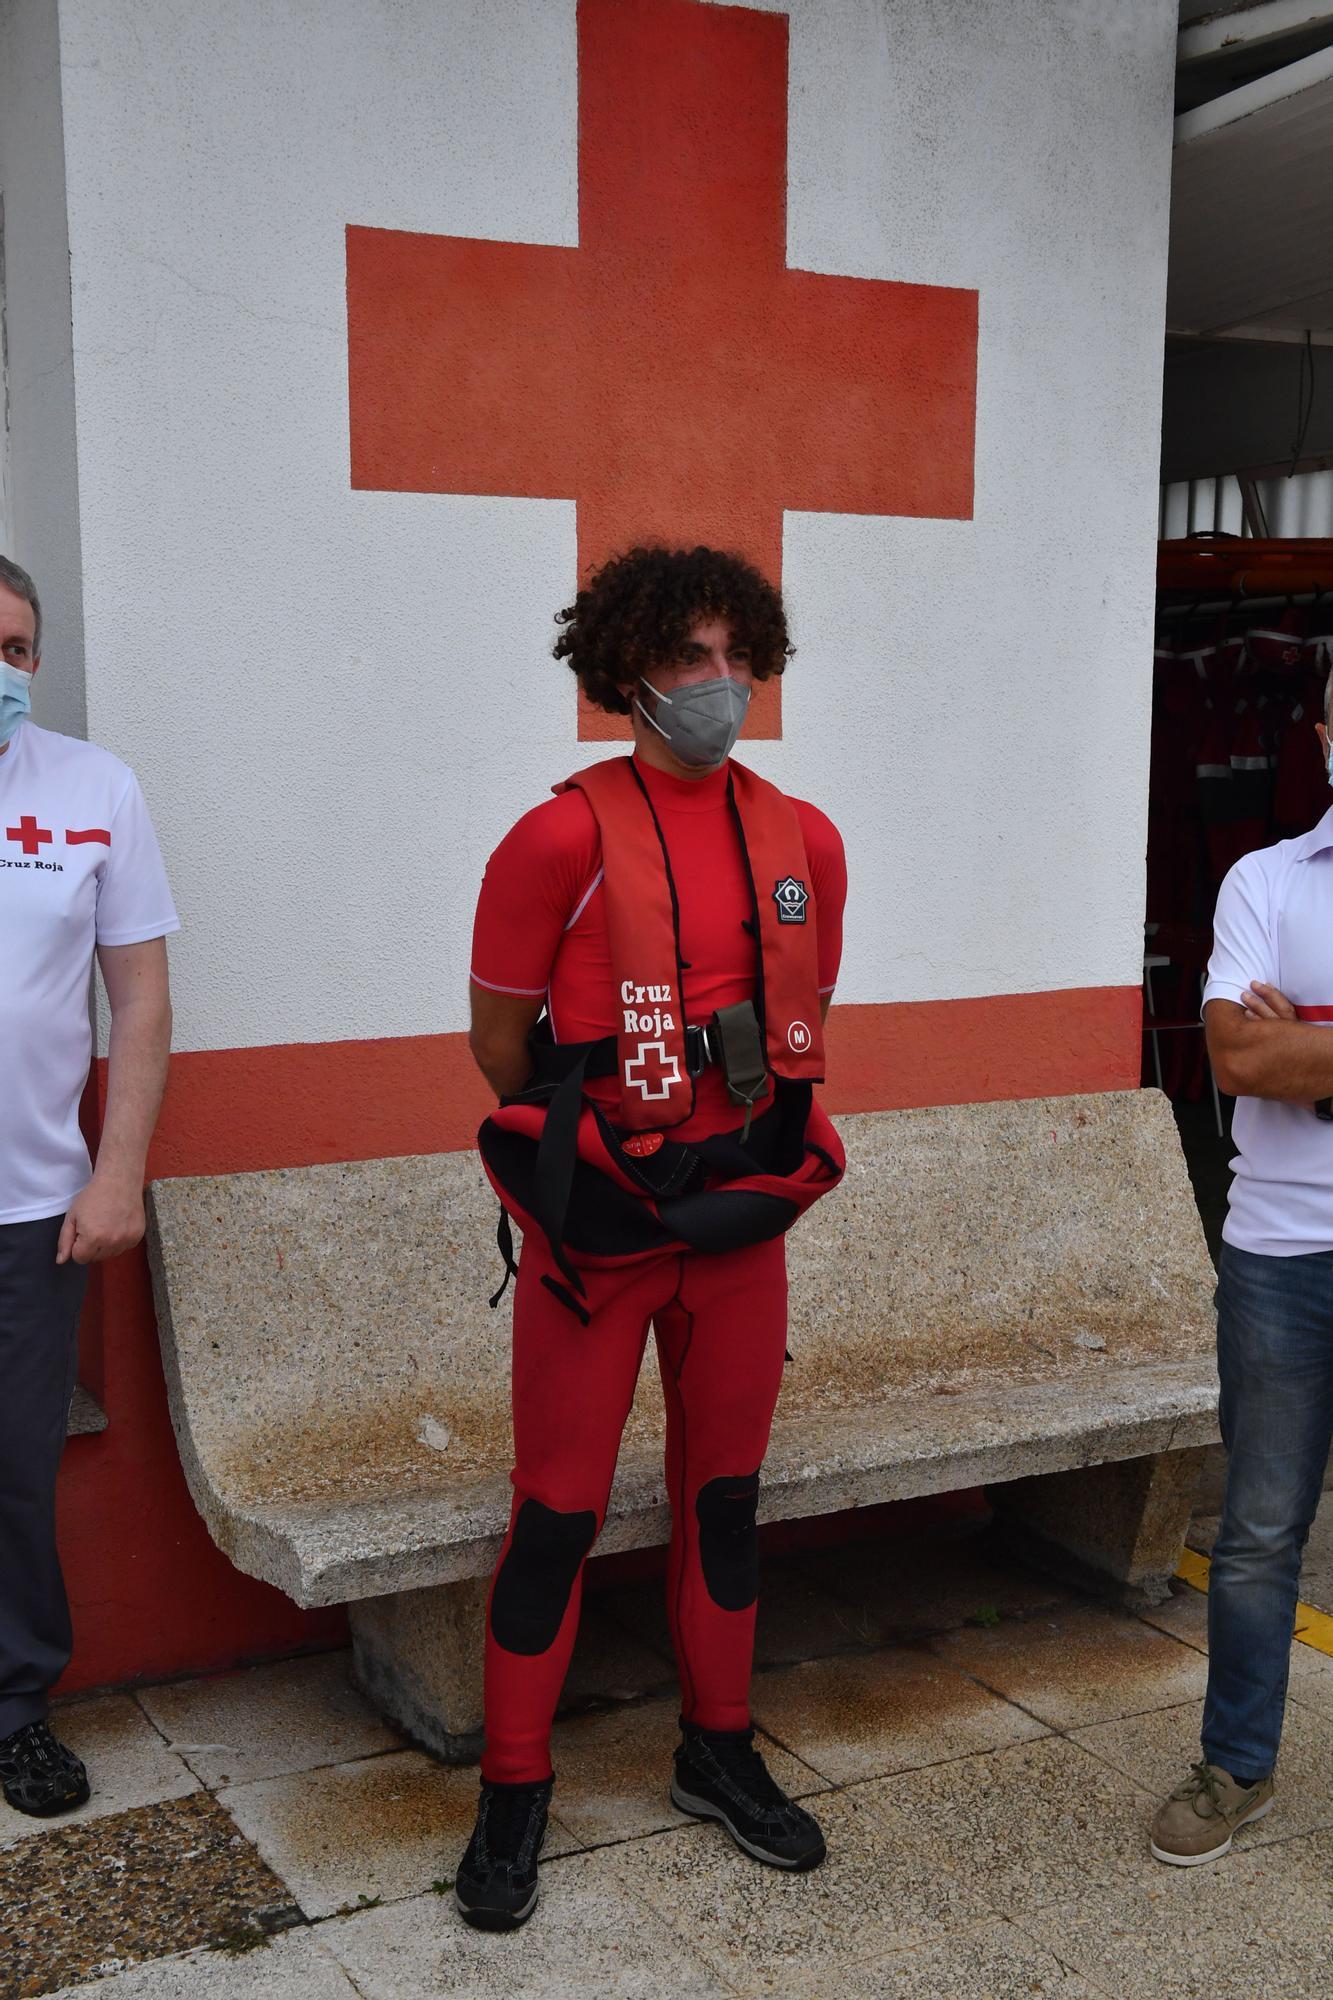 Cruz Roja y Salvamento firman un convenio para luchar contra la contaminación